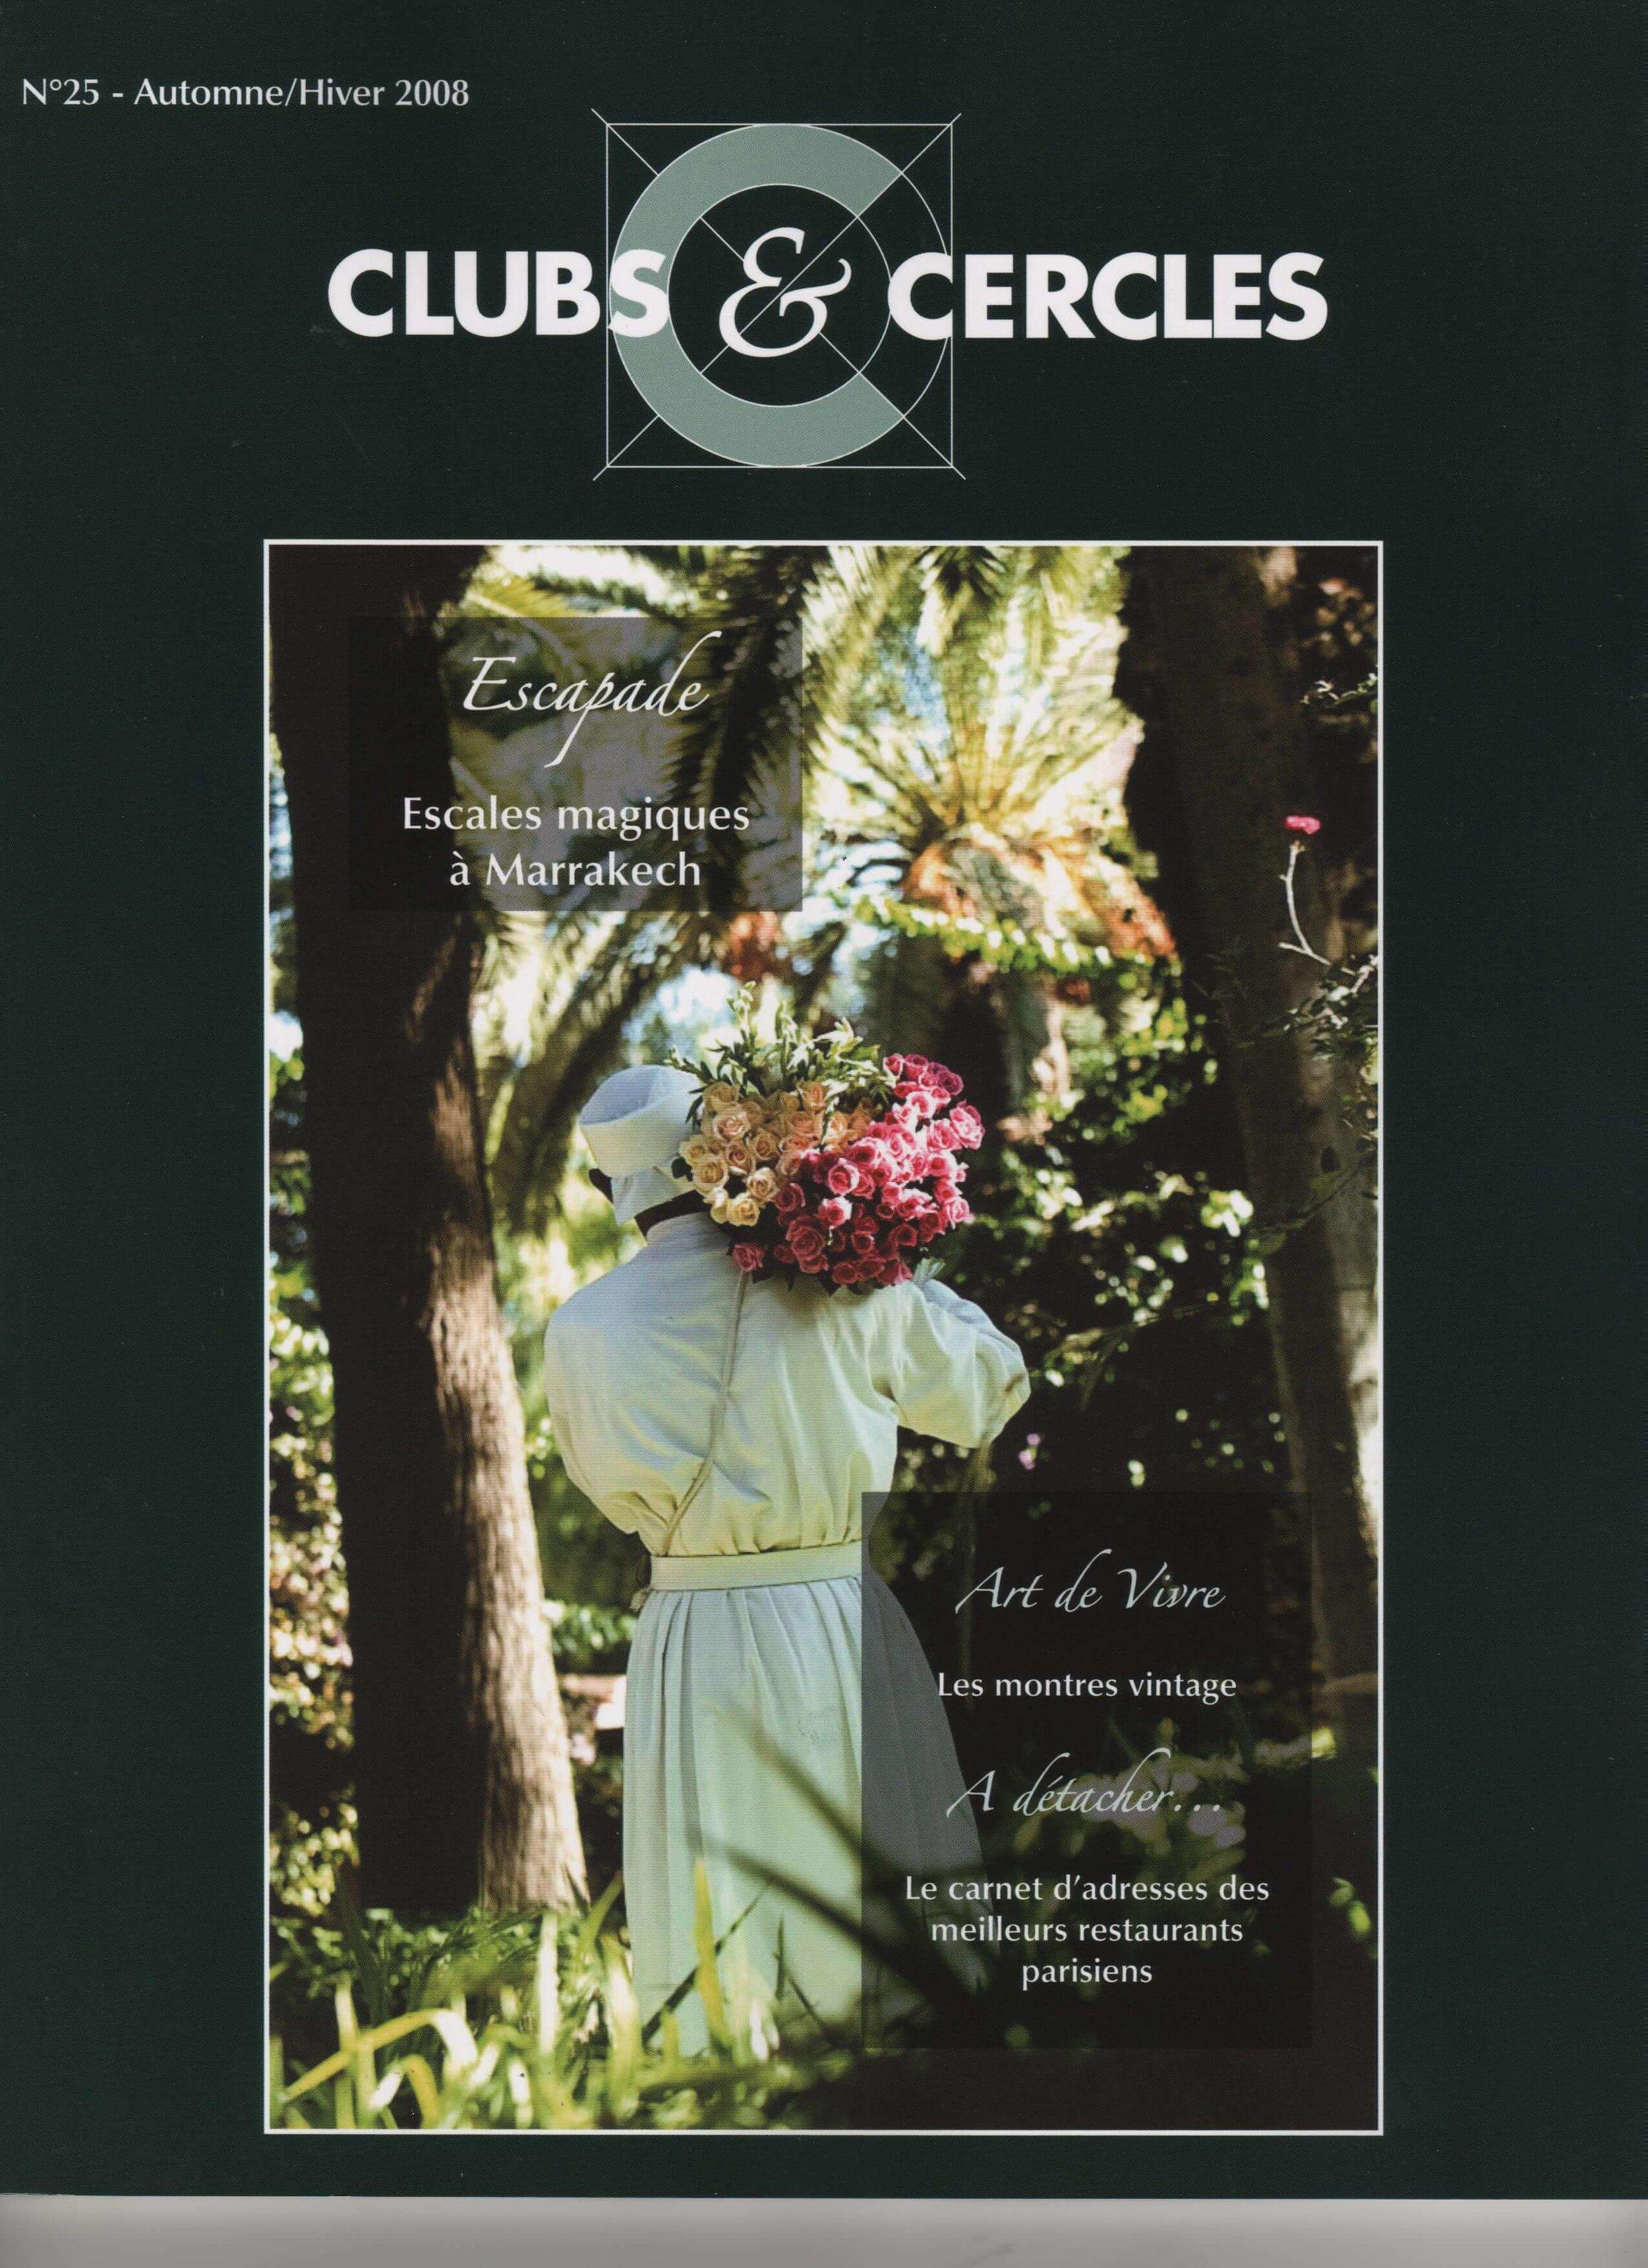 2008 Club & Cercles automne 2008 - Couve.jpg